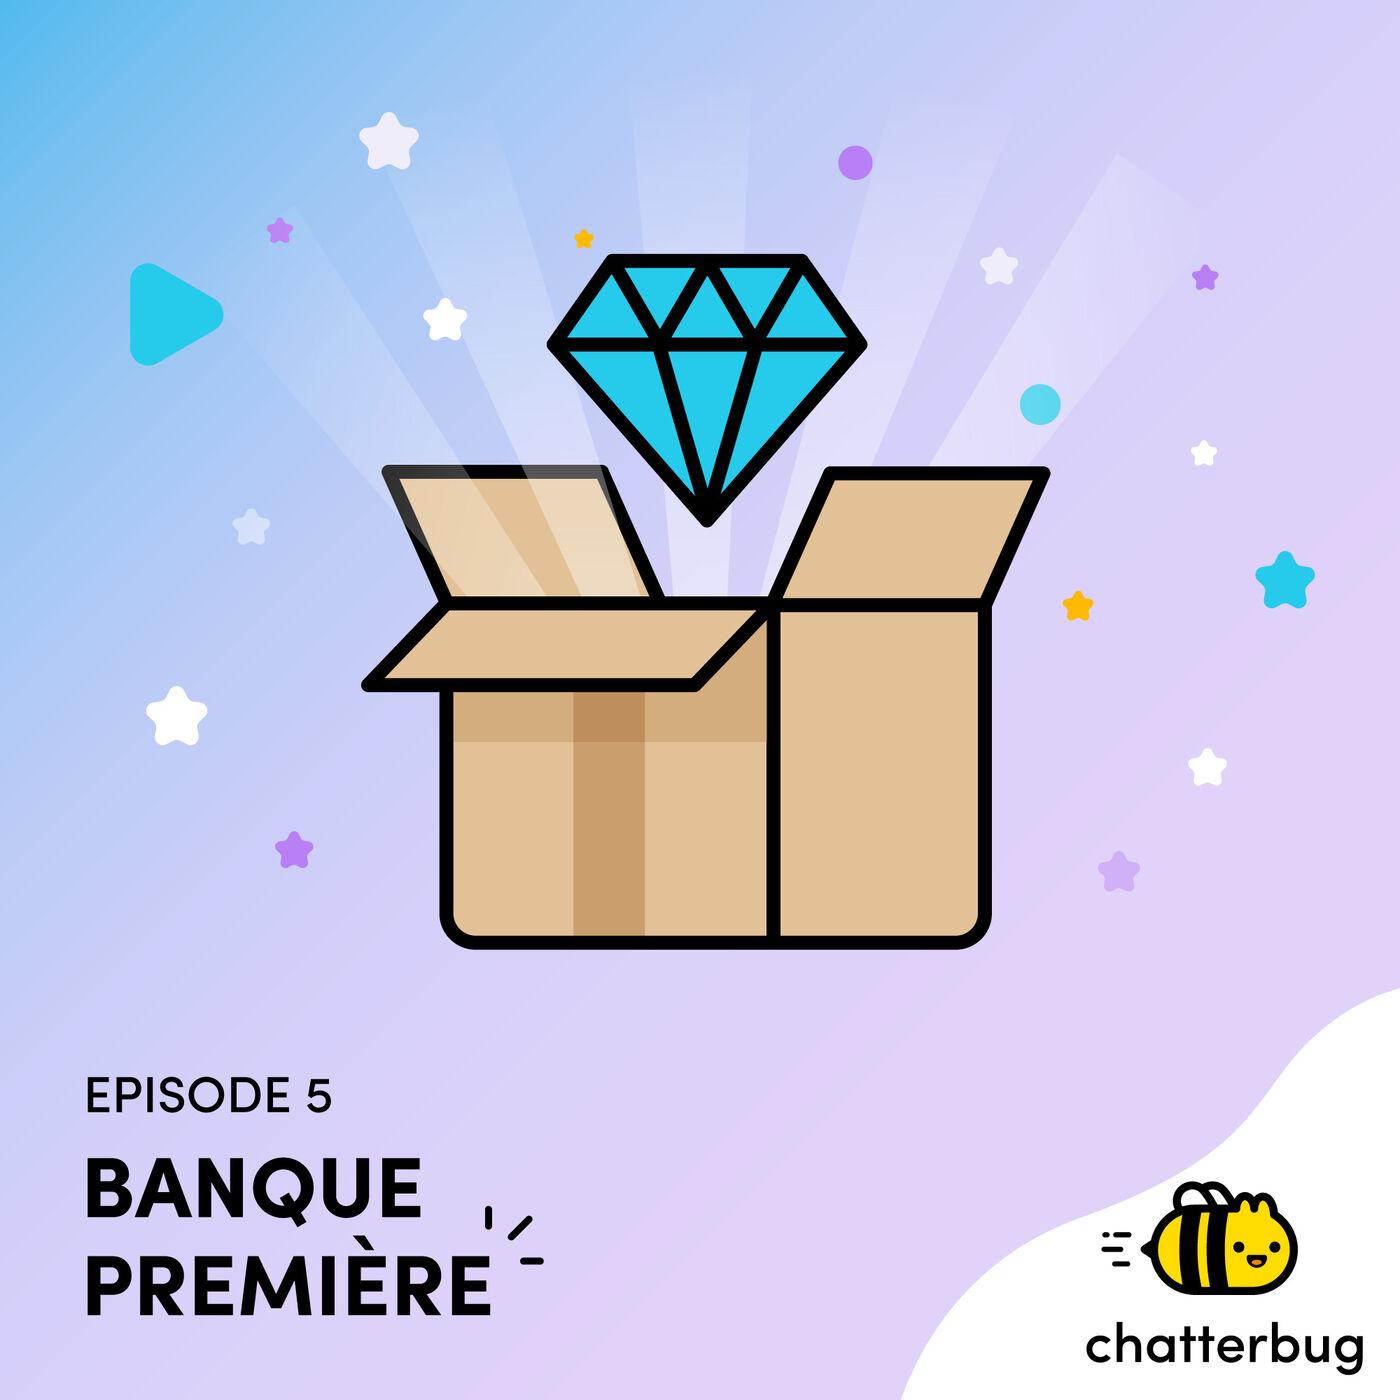 Episode 5 - Banque Première